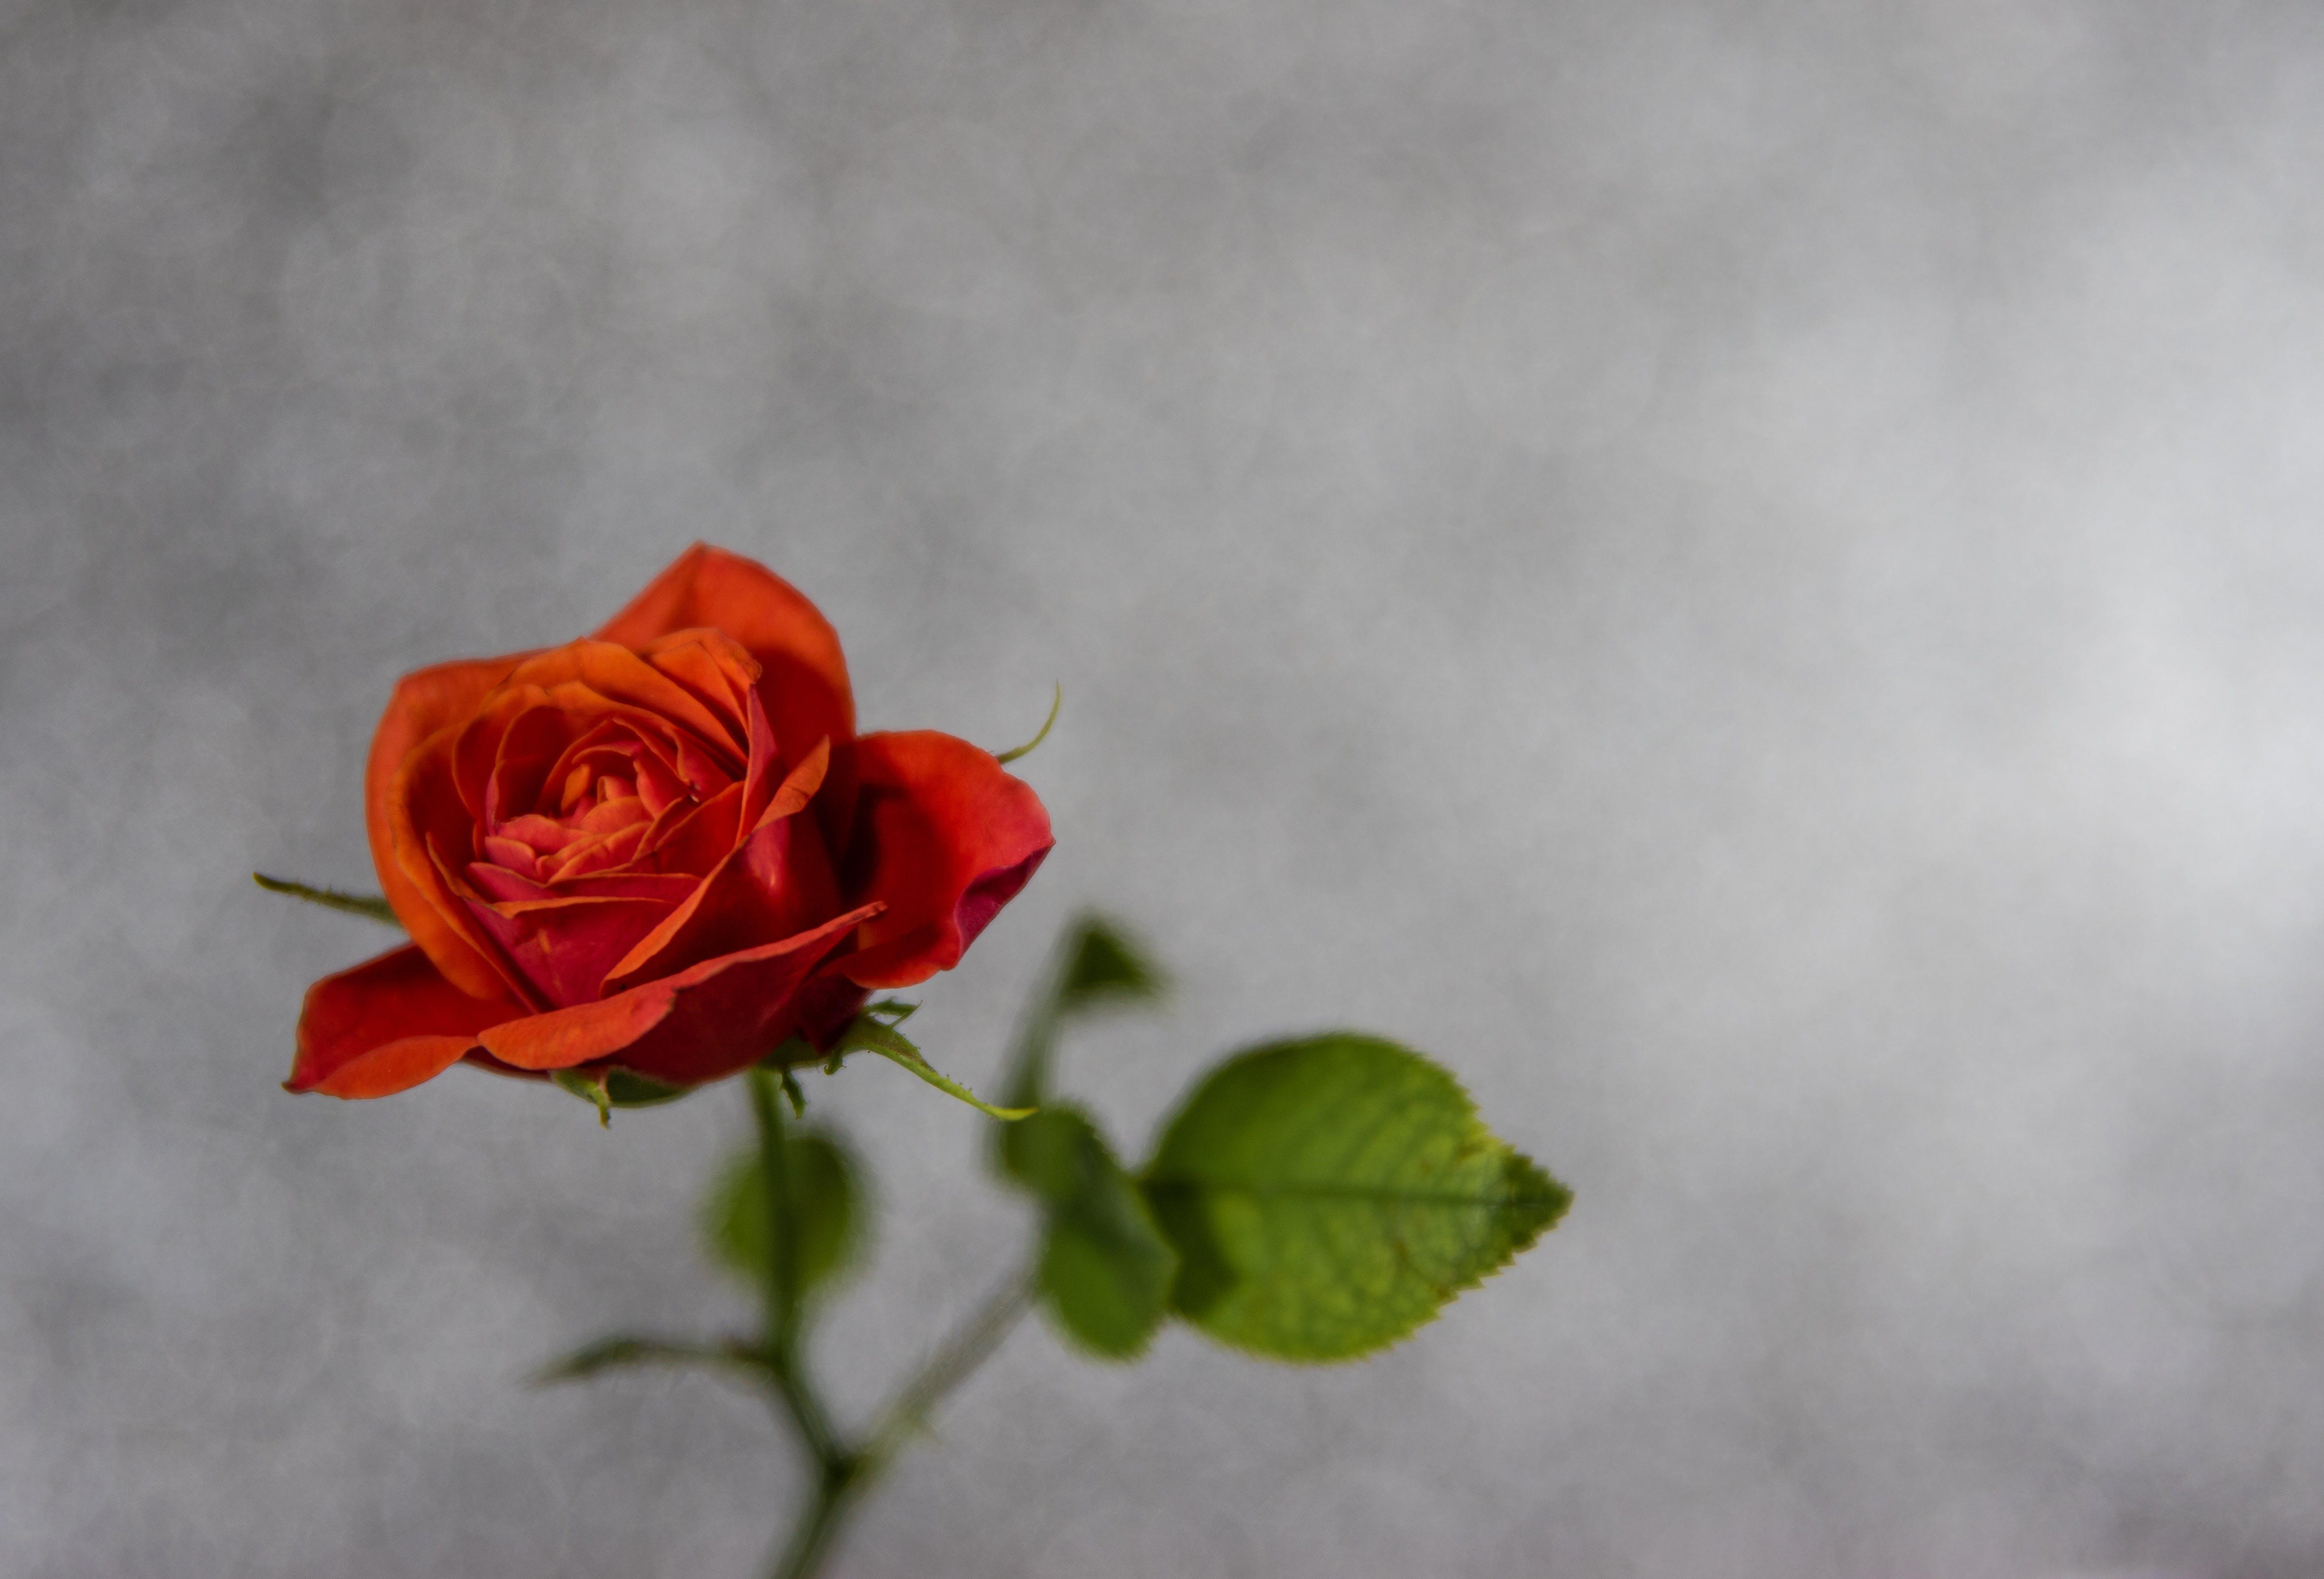 arka fon, Aşk, Bahçe, çiçek içeren Ücretsiz stok fotoğraf